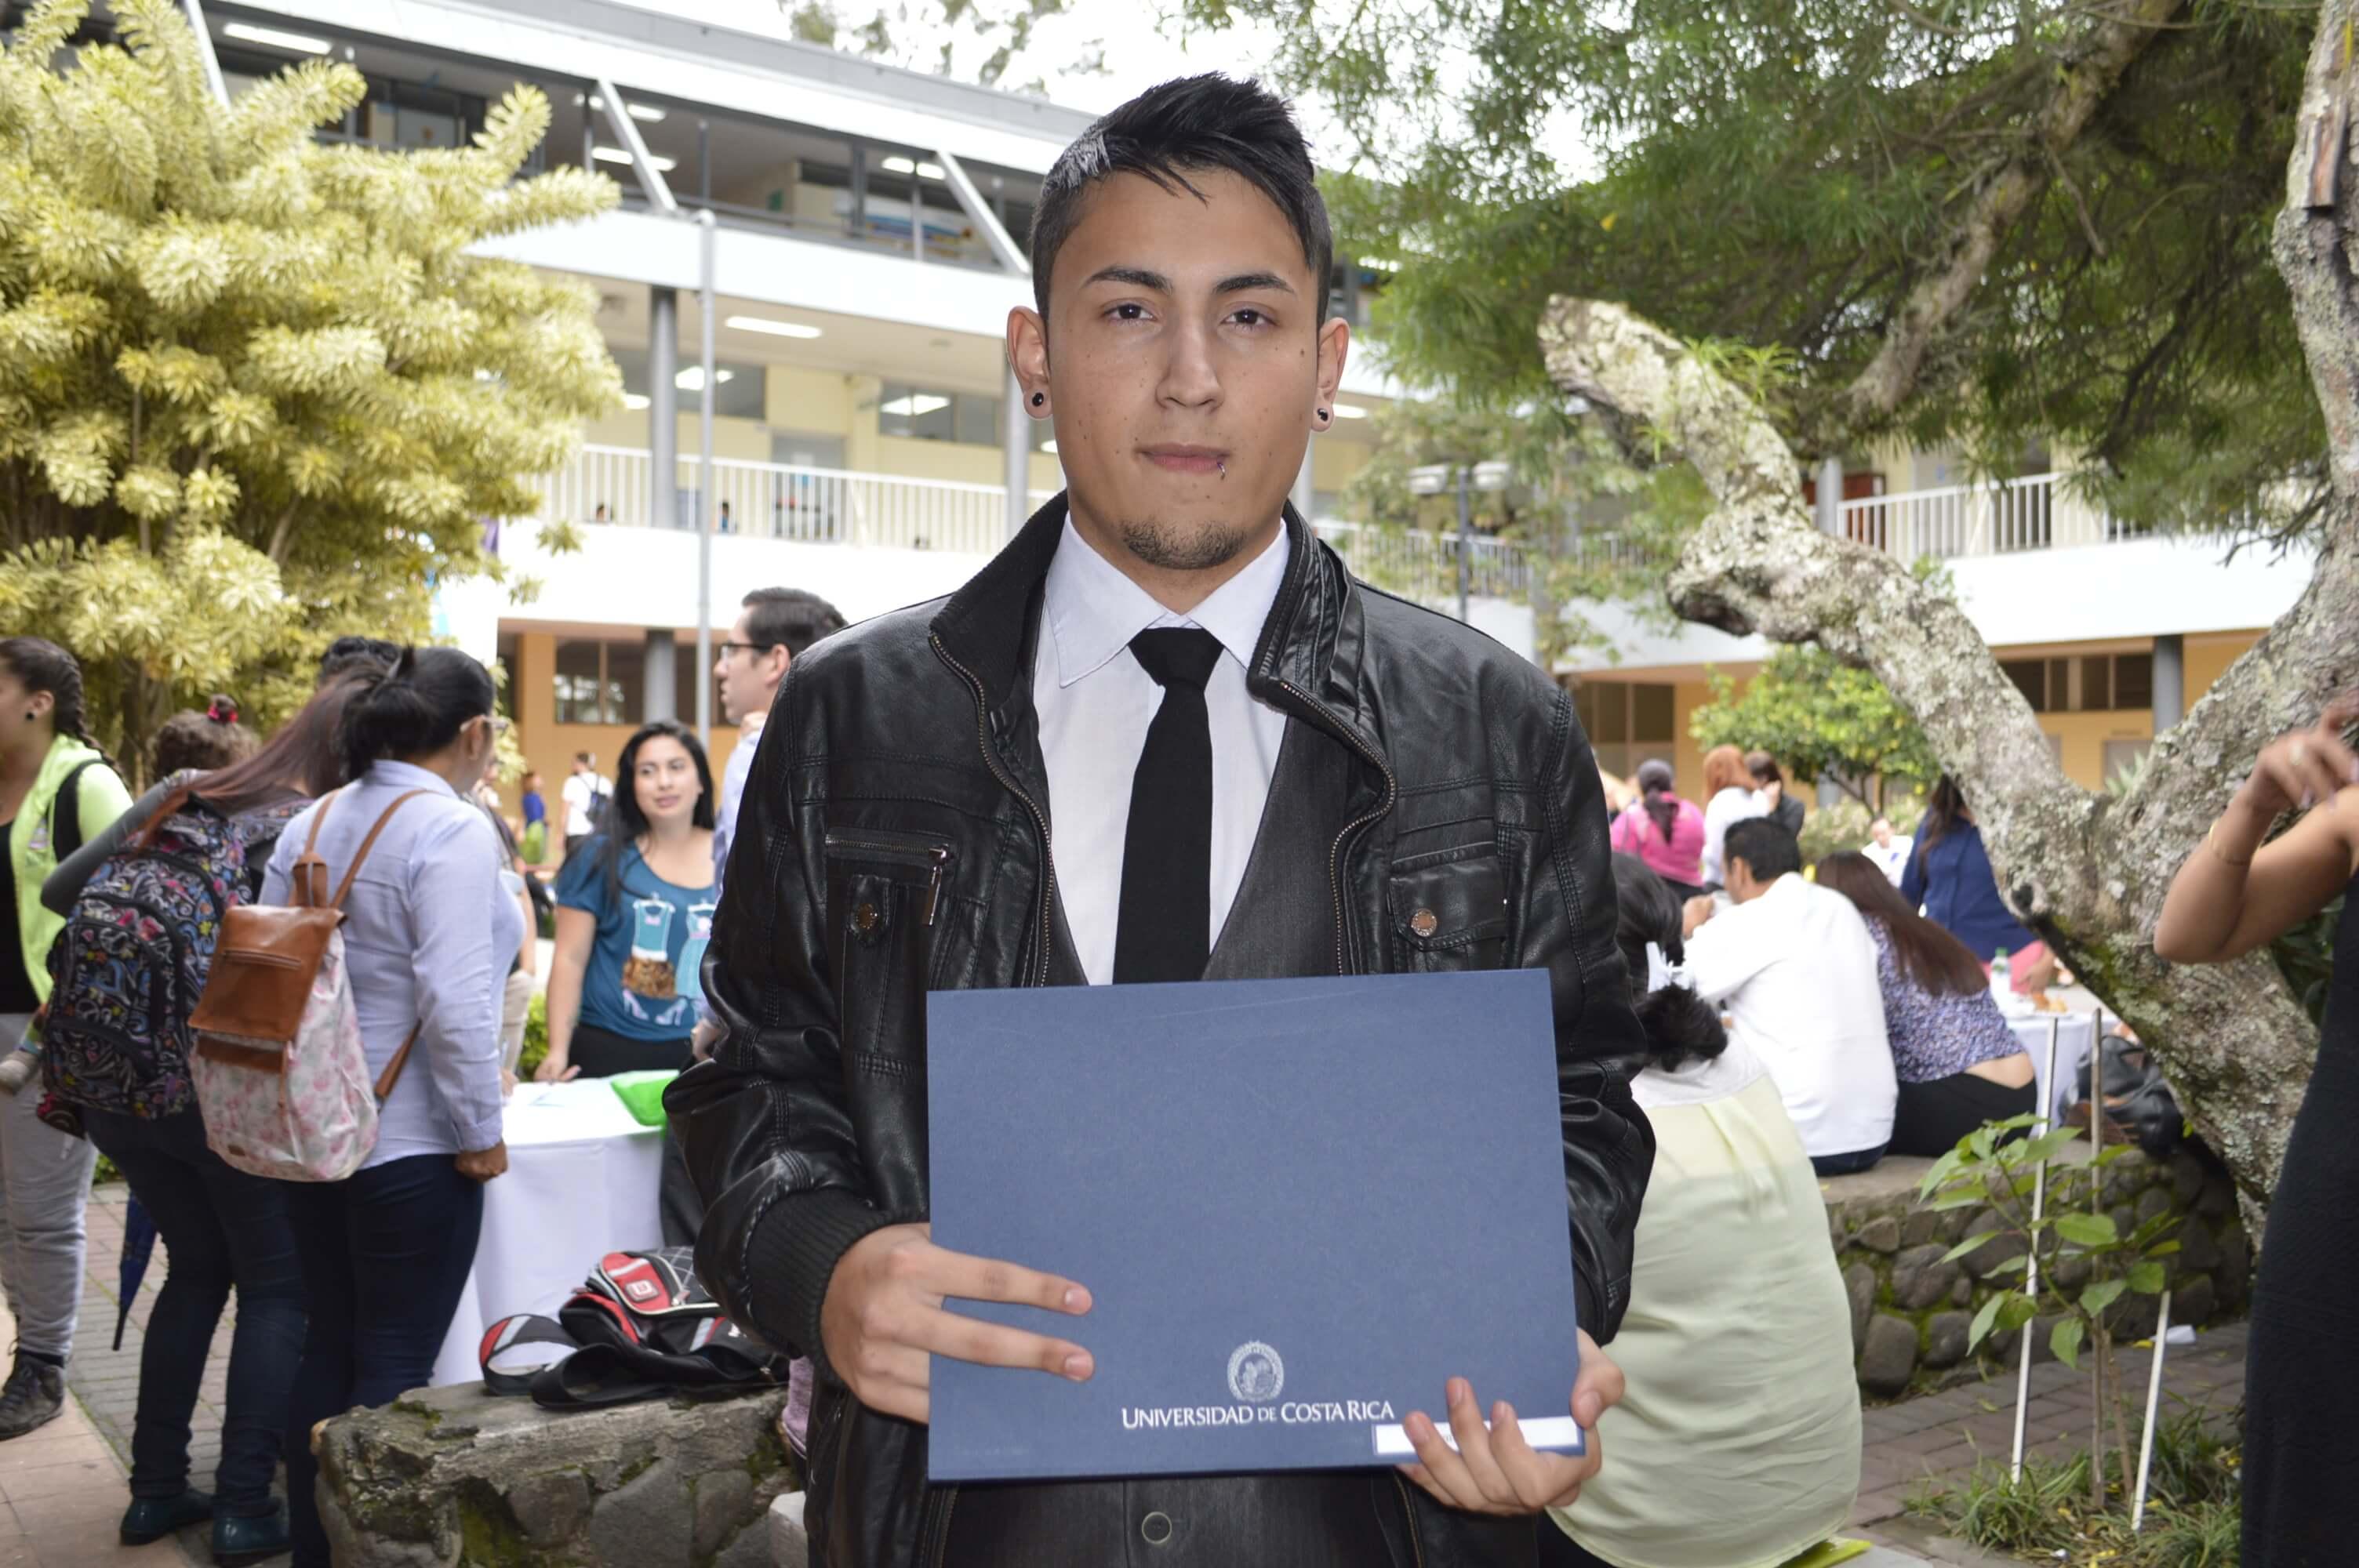 Jeremy Ramos Páez de 22 años es uno de los estudiantes más jóvenes en graduarse del PEA. Ramos es jugador del equipo de fútbol de la Universidad de Costa Rica y encontró en el PEA una excelente opción para culminar los estudios que había dejado de lado al dedicarse al fútbol profesional. Foto: Jafeth Mora.